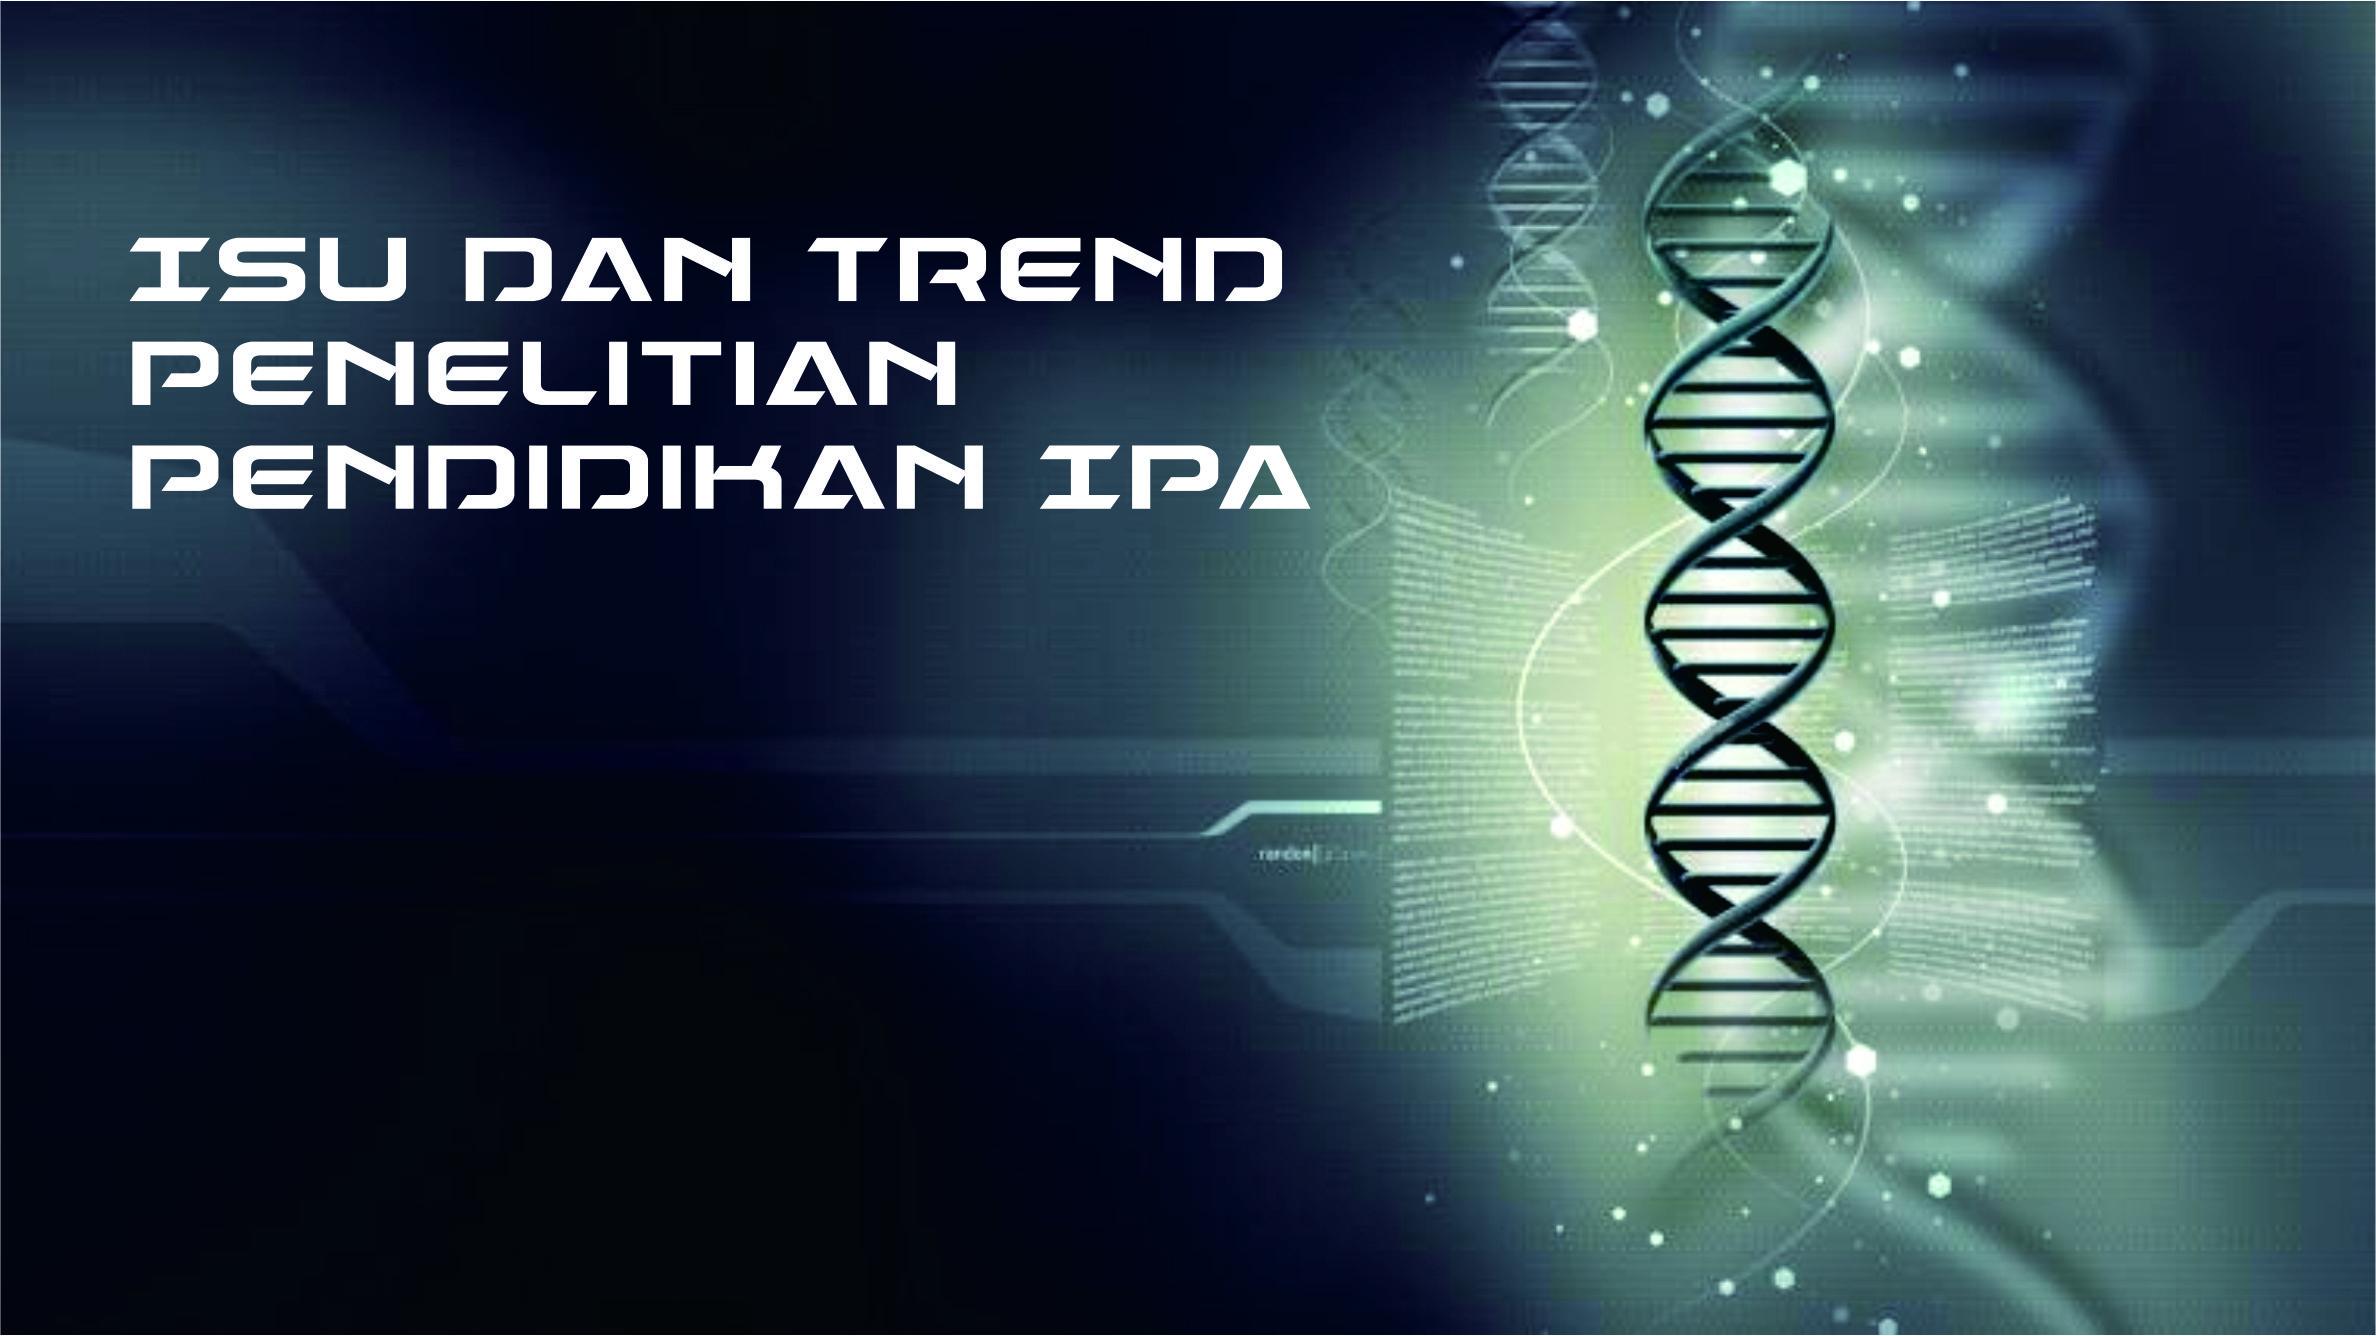 Isu dan Trend Penelitian Pendidikan IPA_ZKP & Vinta_PIP9252